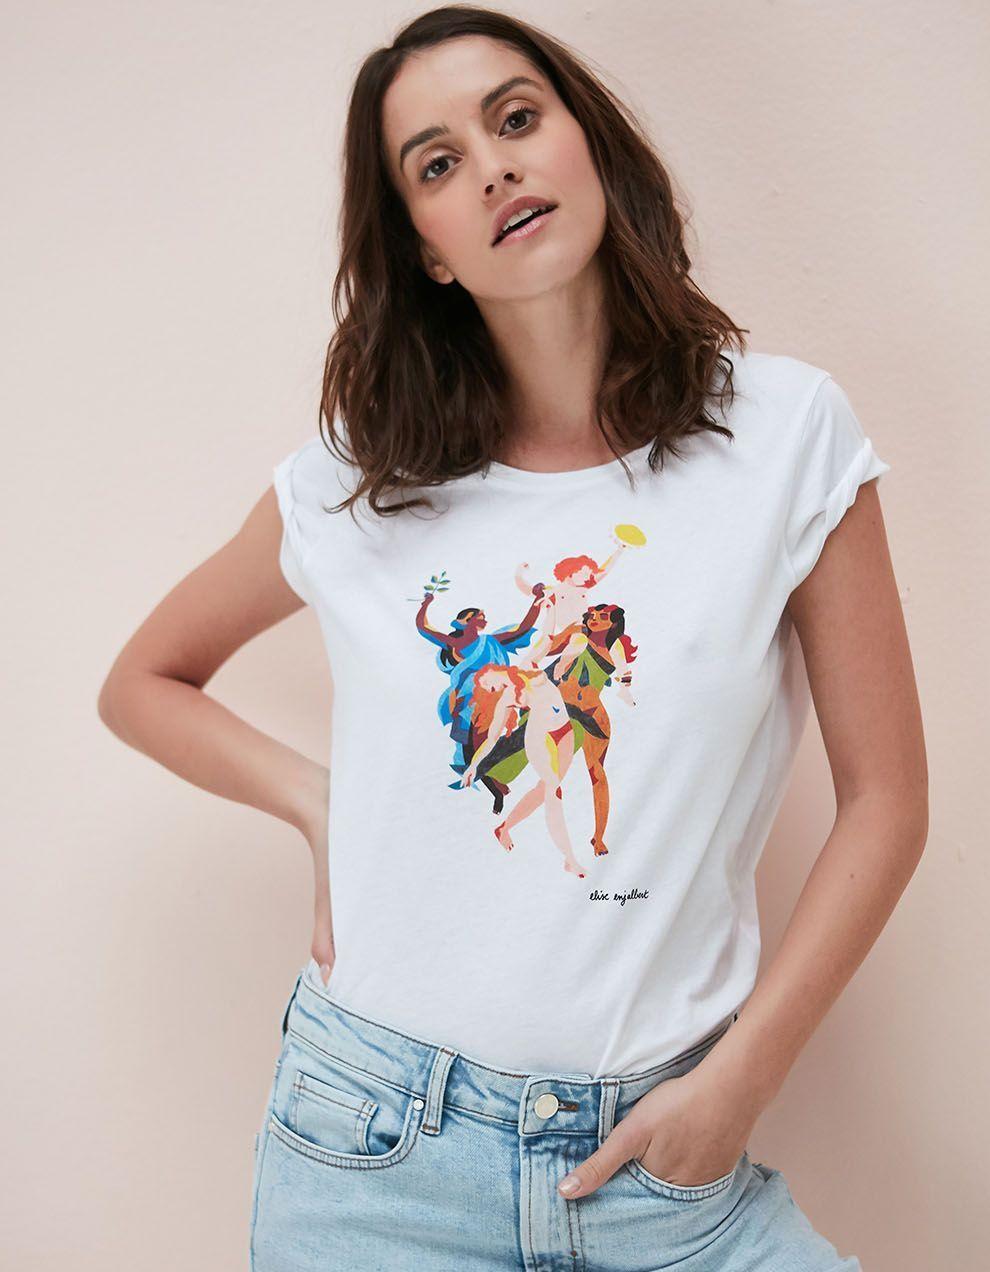 L'Instant Mode : Sud Express dévoile un t-shirt solidaire pour la Journée de la Femme - Elle